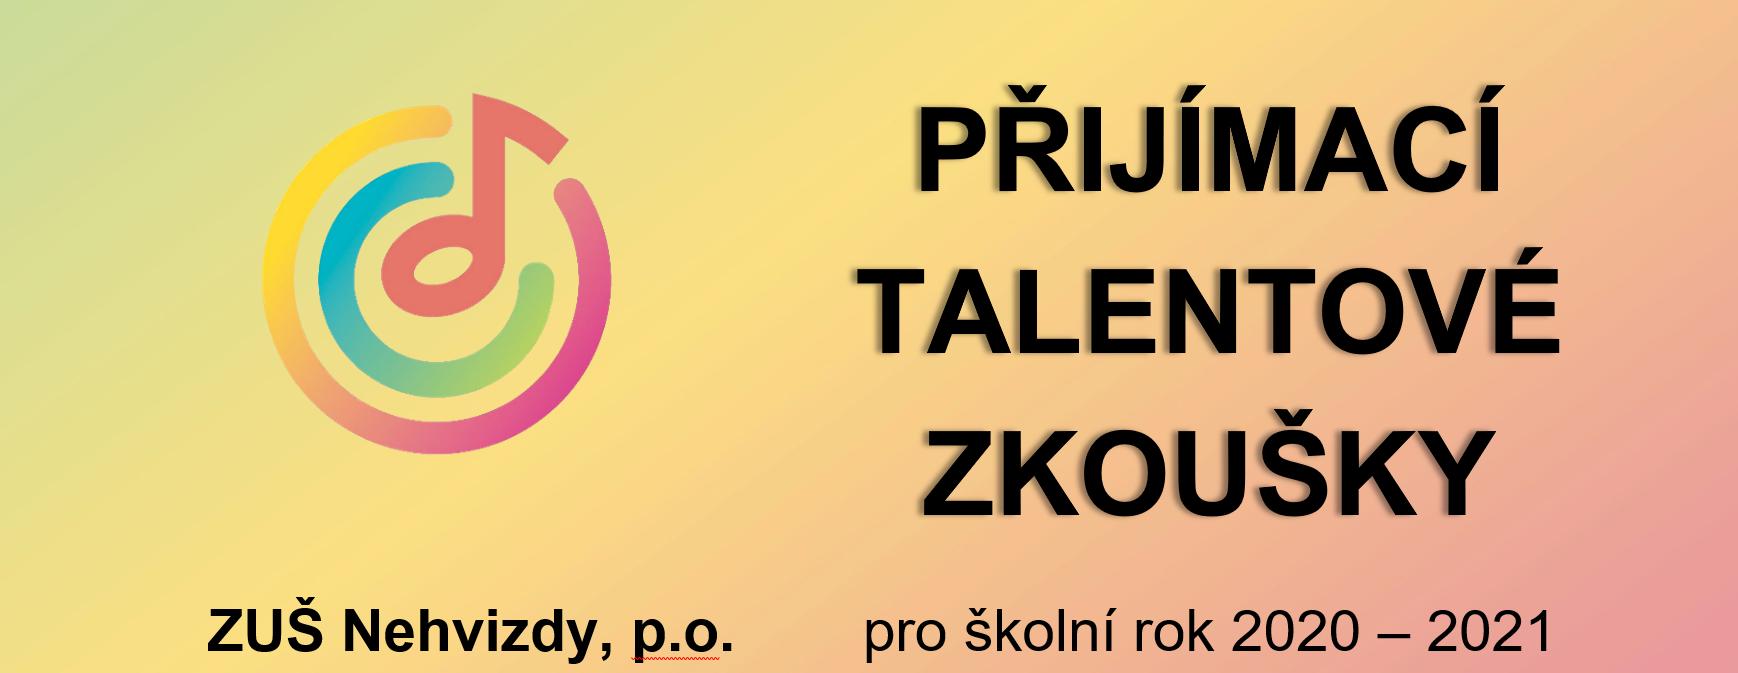 Přijímací talentové zkoušky 2020